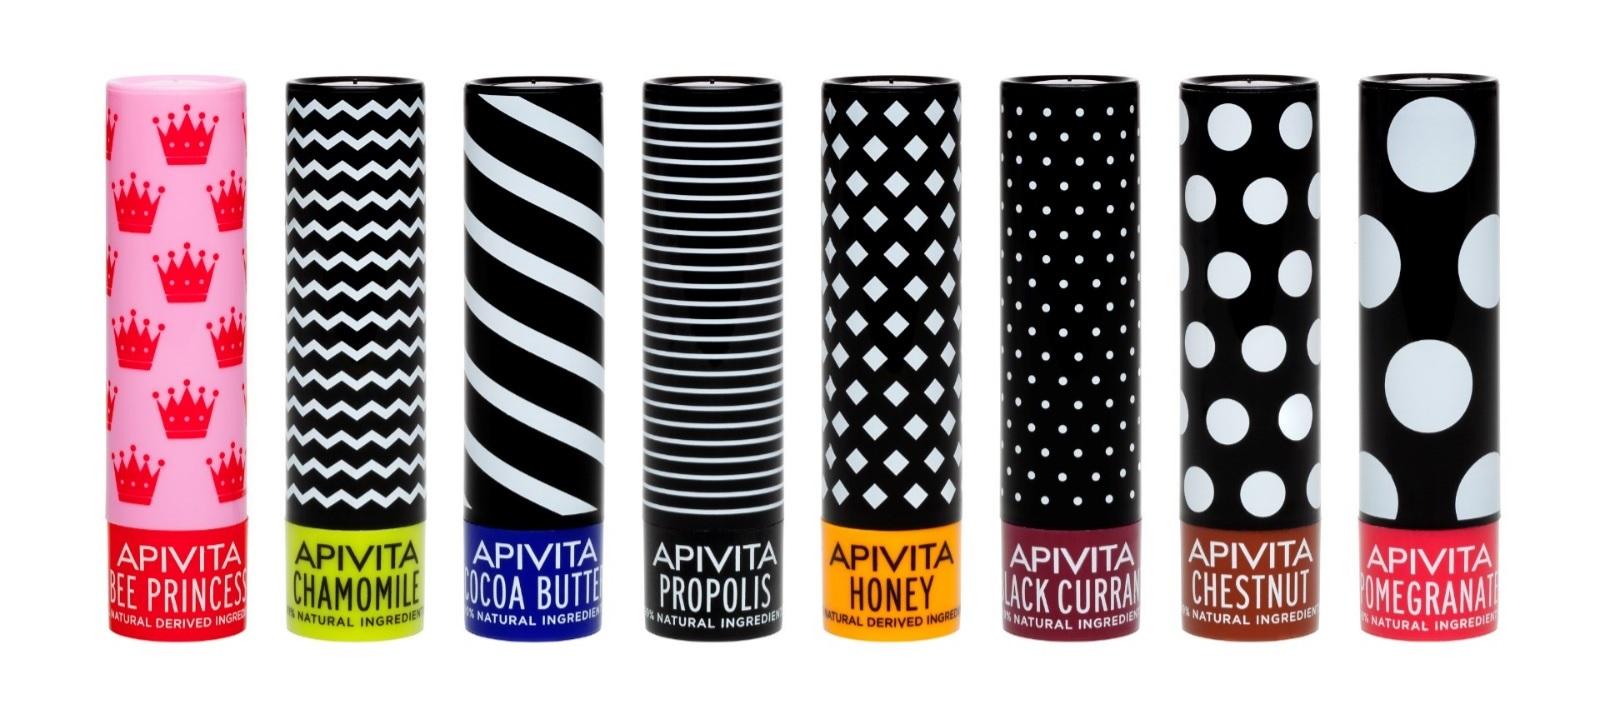 apivita-lipcare